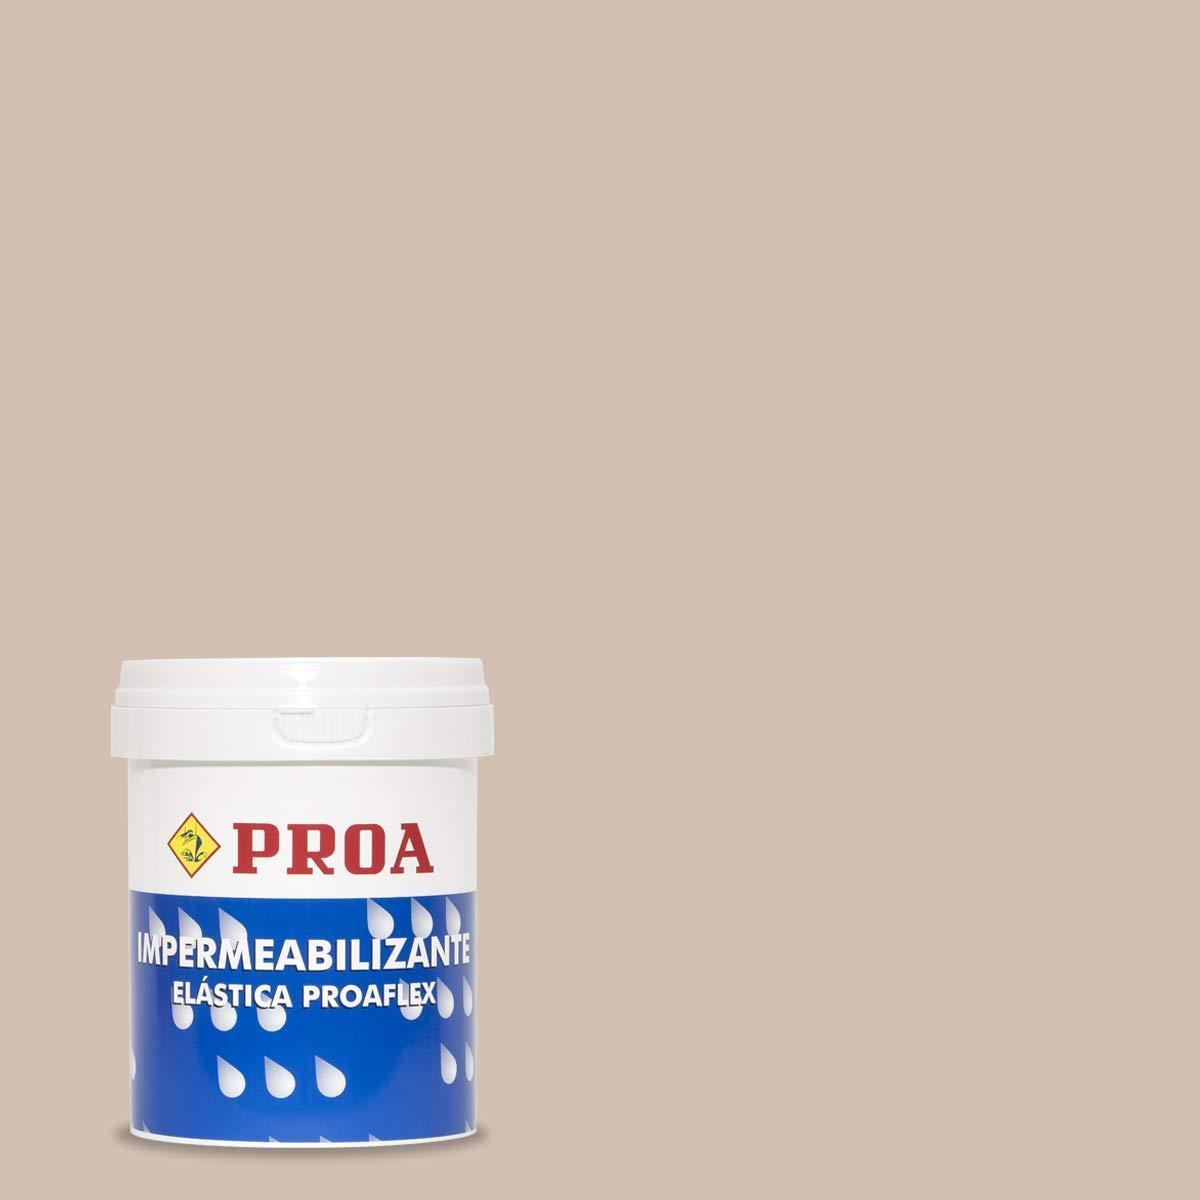 Proa. Impermeabilizante elástica Proaflex PROA, Teja. 750 ML